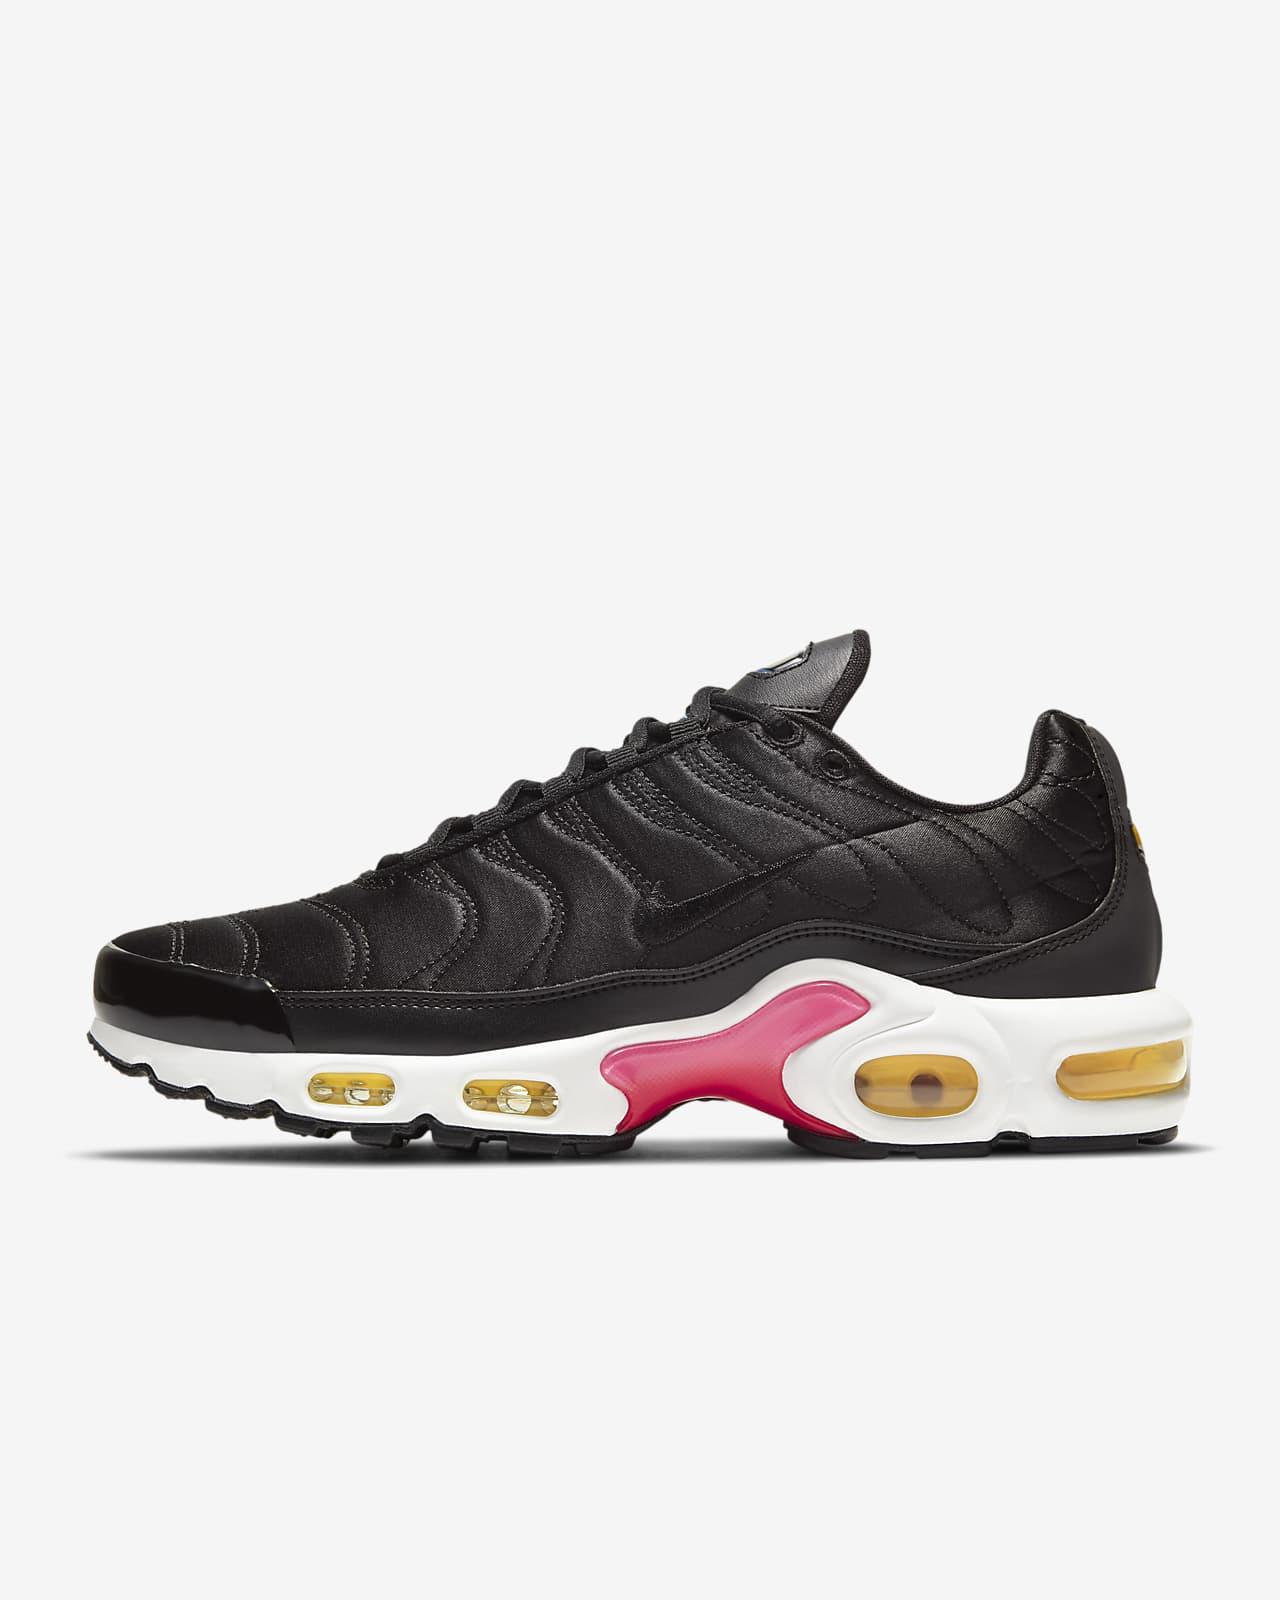 Nike Air Max Plus női cipő